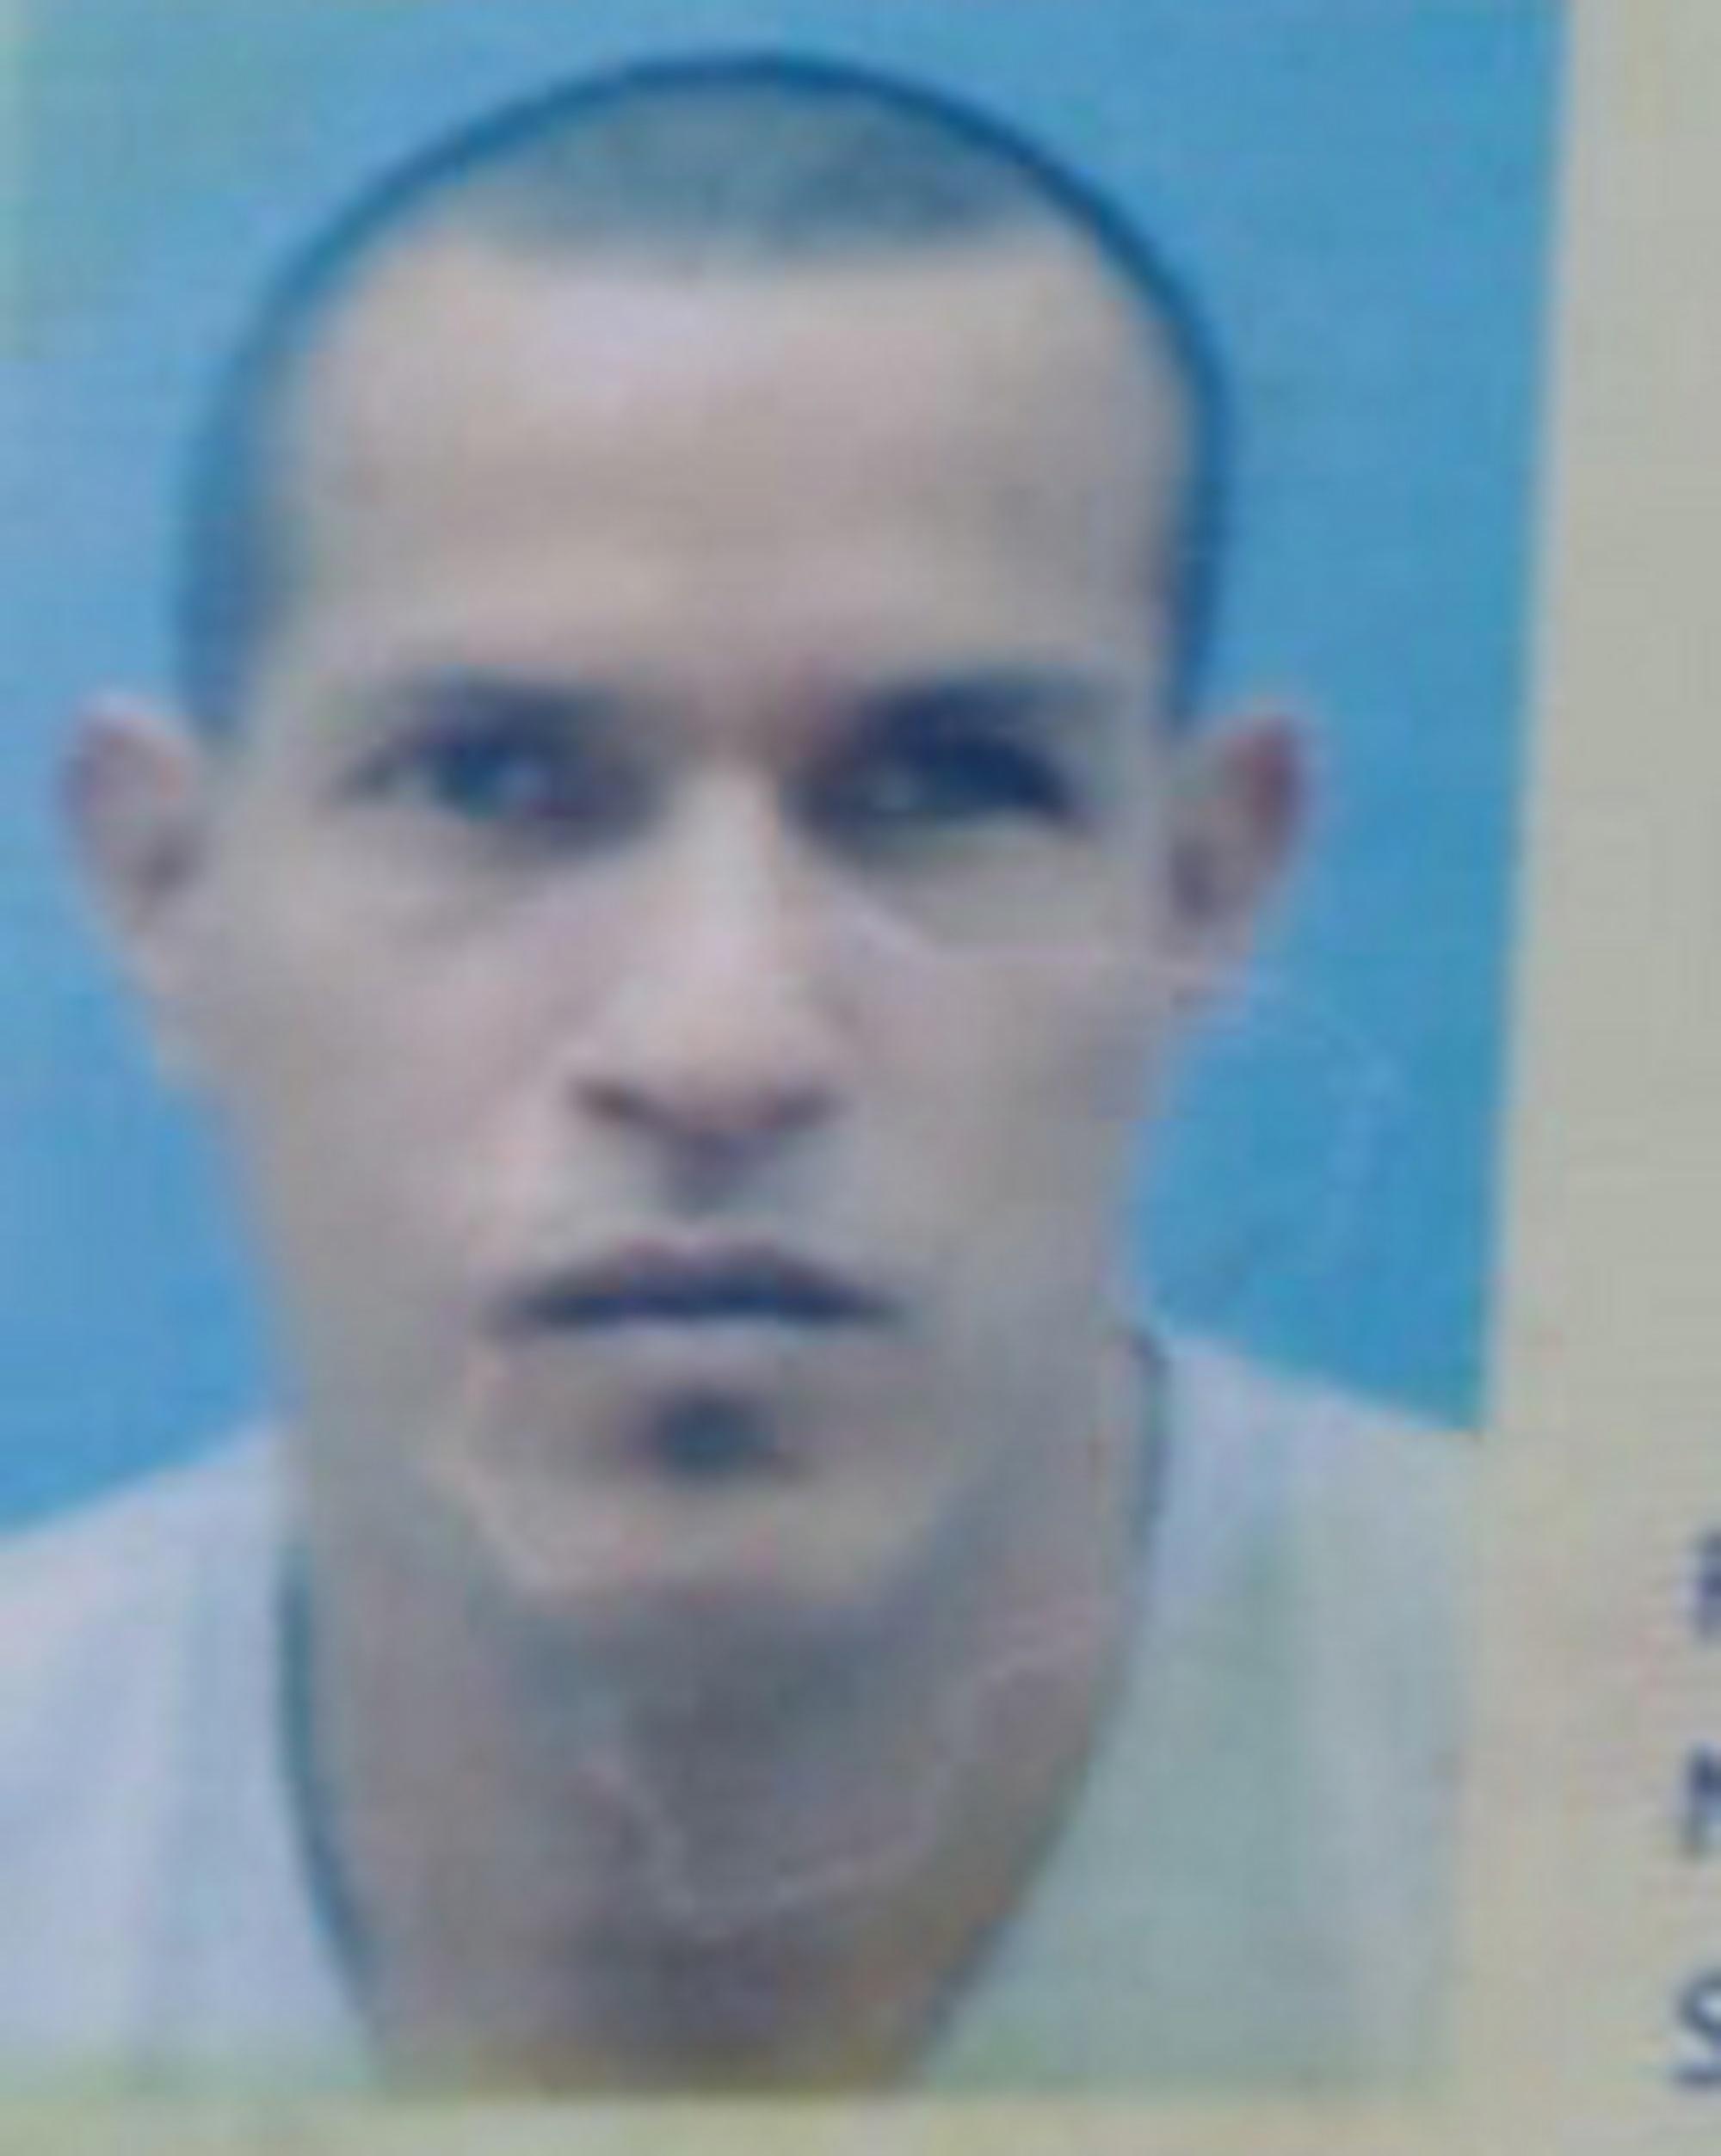 Policía confirma que Segundo fue asesinado